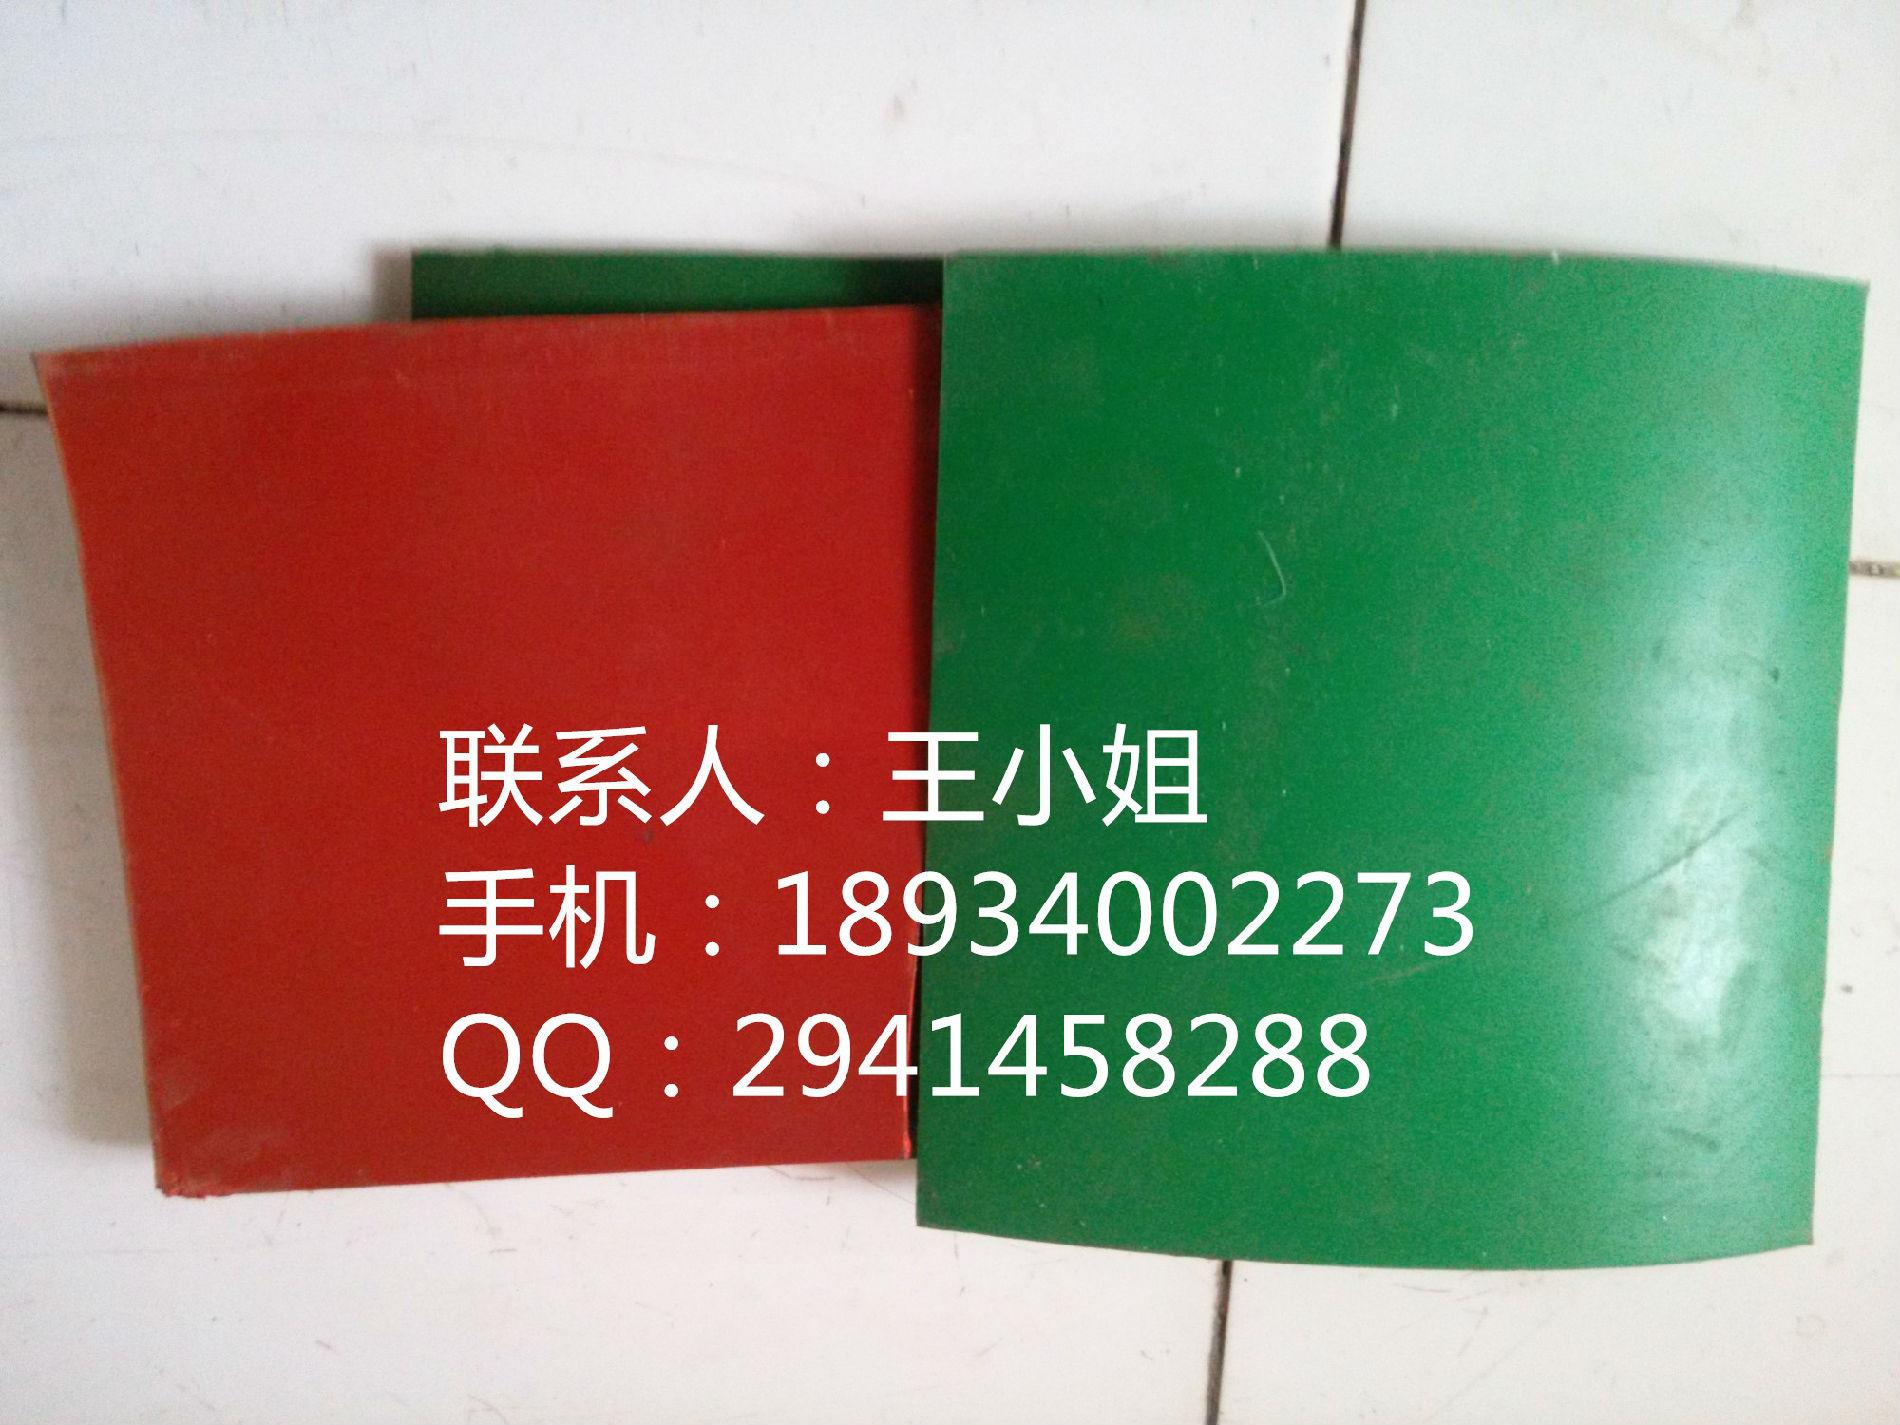 10mm绝缘垫厂家 九腾绝缘地胶供应商